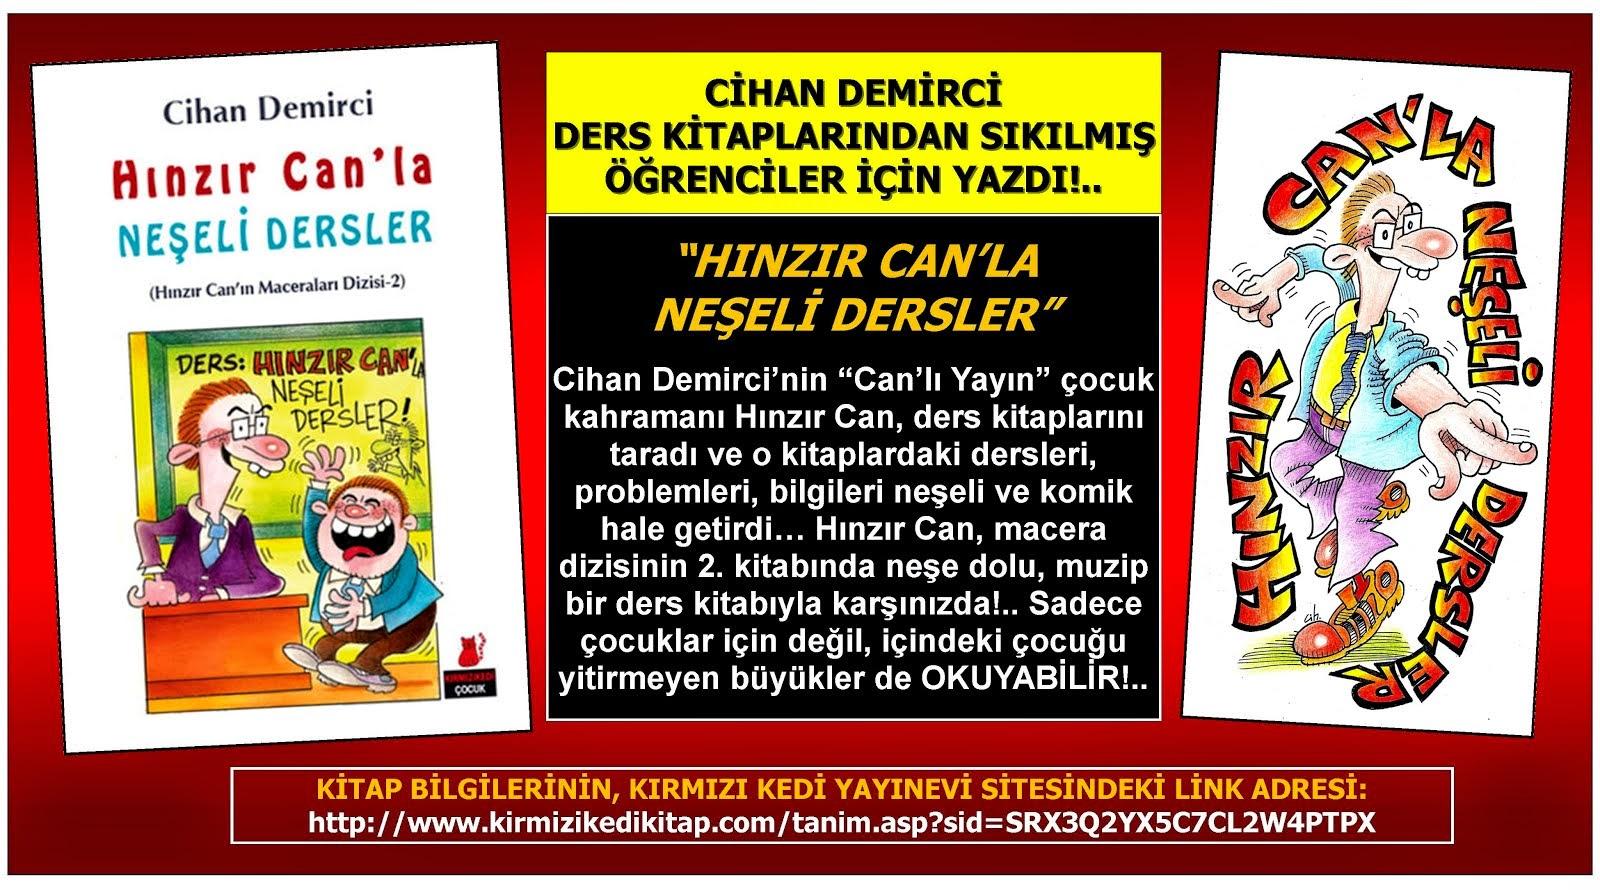 """CİHAN DEMİRCİ'DEN DERS KİTAPLARINDAN SIKILMIŞ ÇOCUKLAR İÇİN: """"HINZIR CAN'LA NEŞELİ DERSLER"""" ÇIKTI!"""